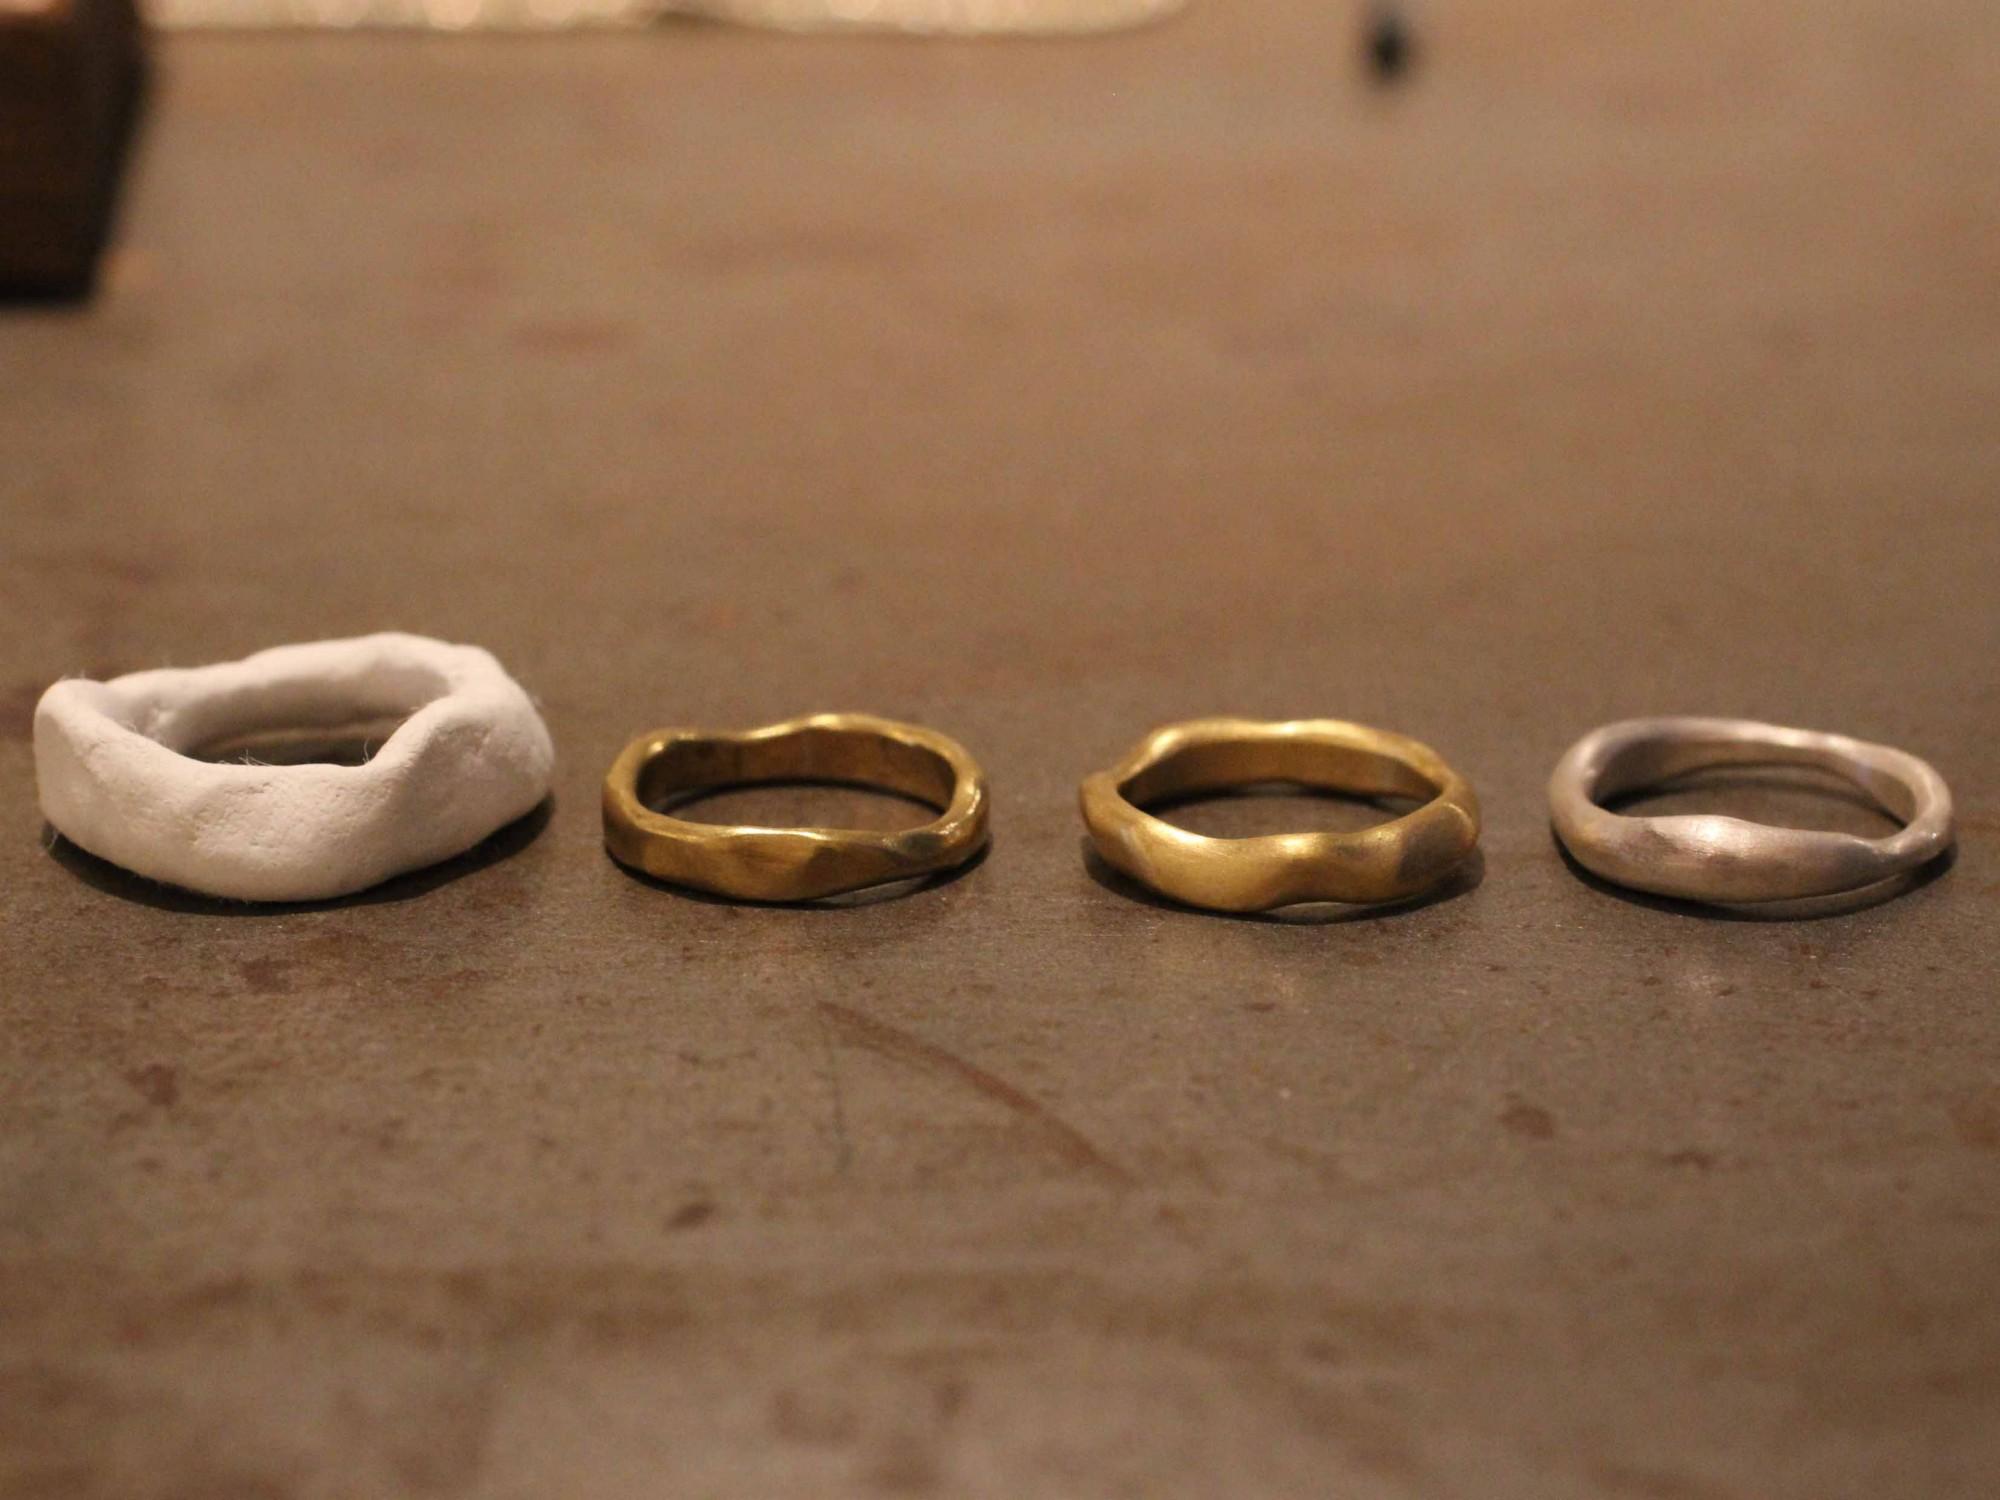 サンプルリング 結婚指輪